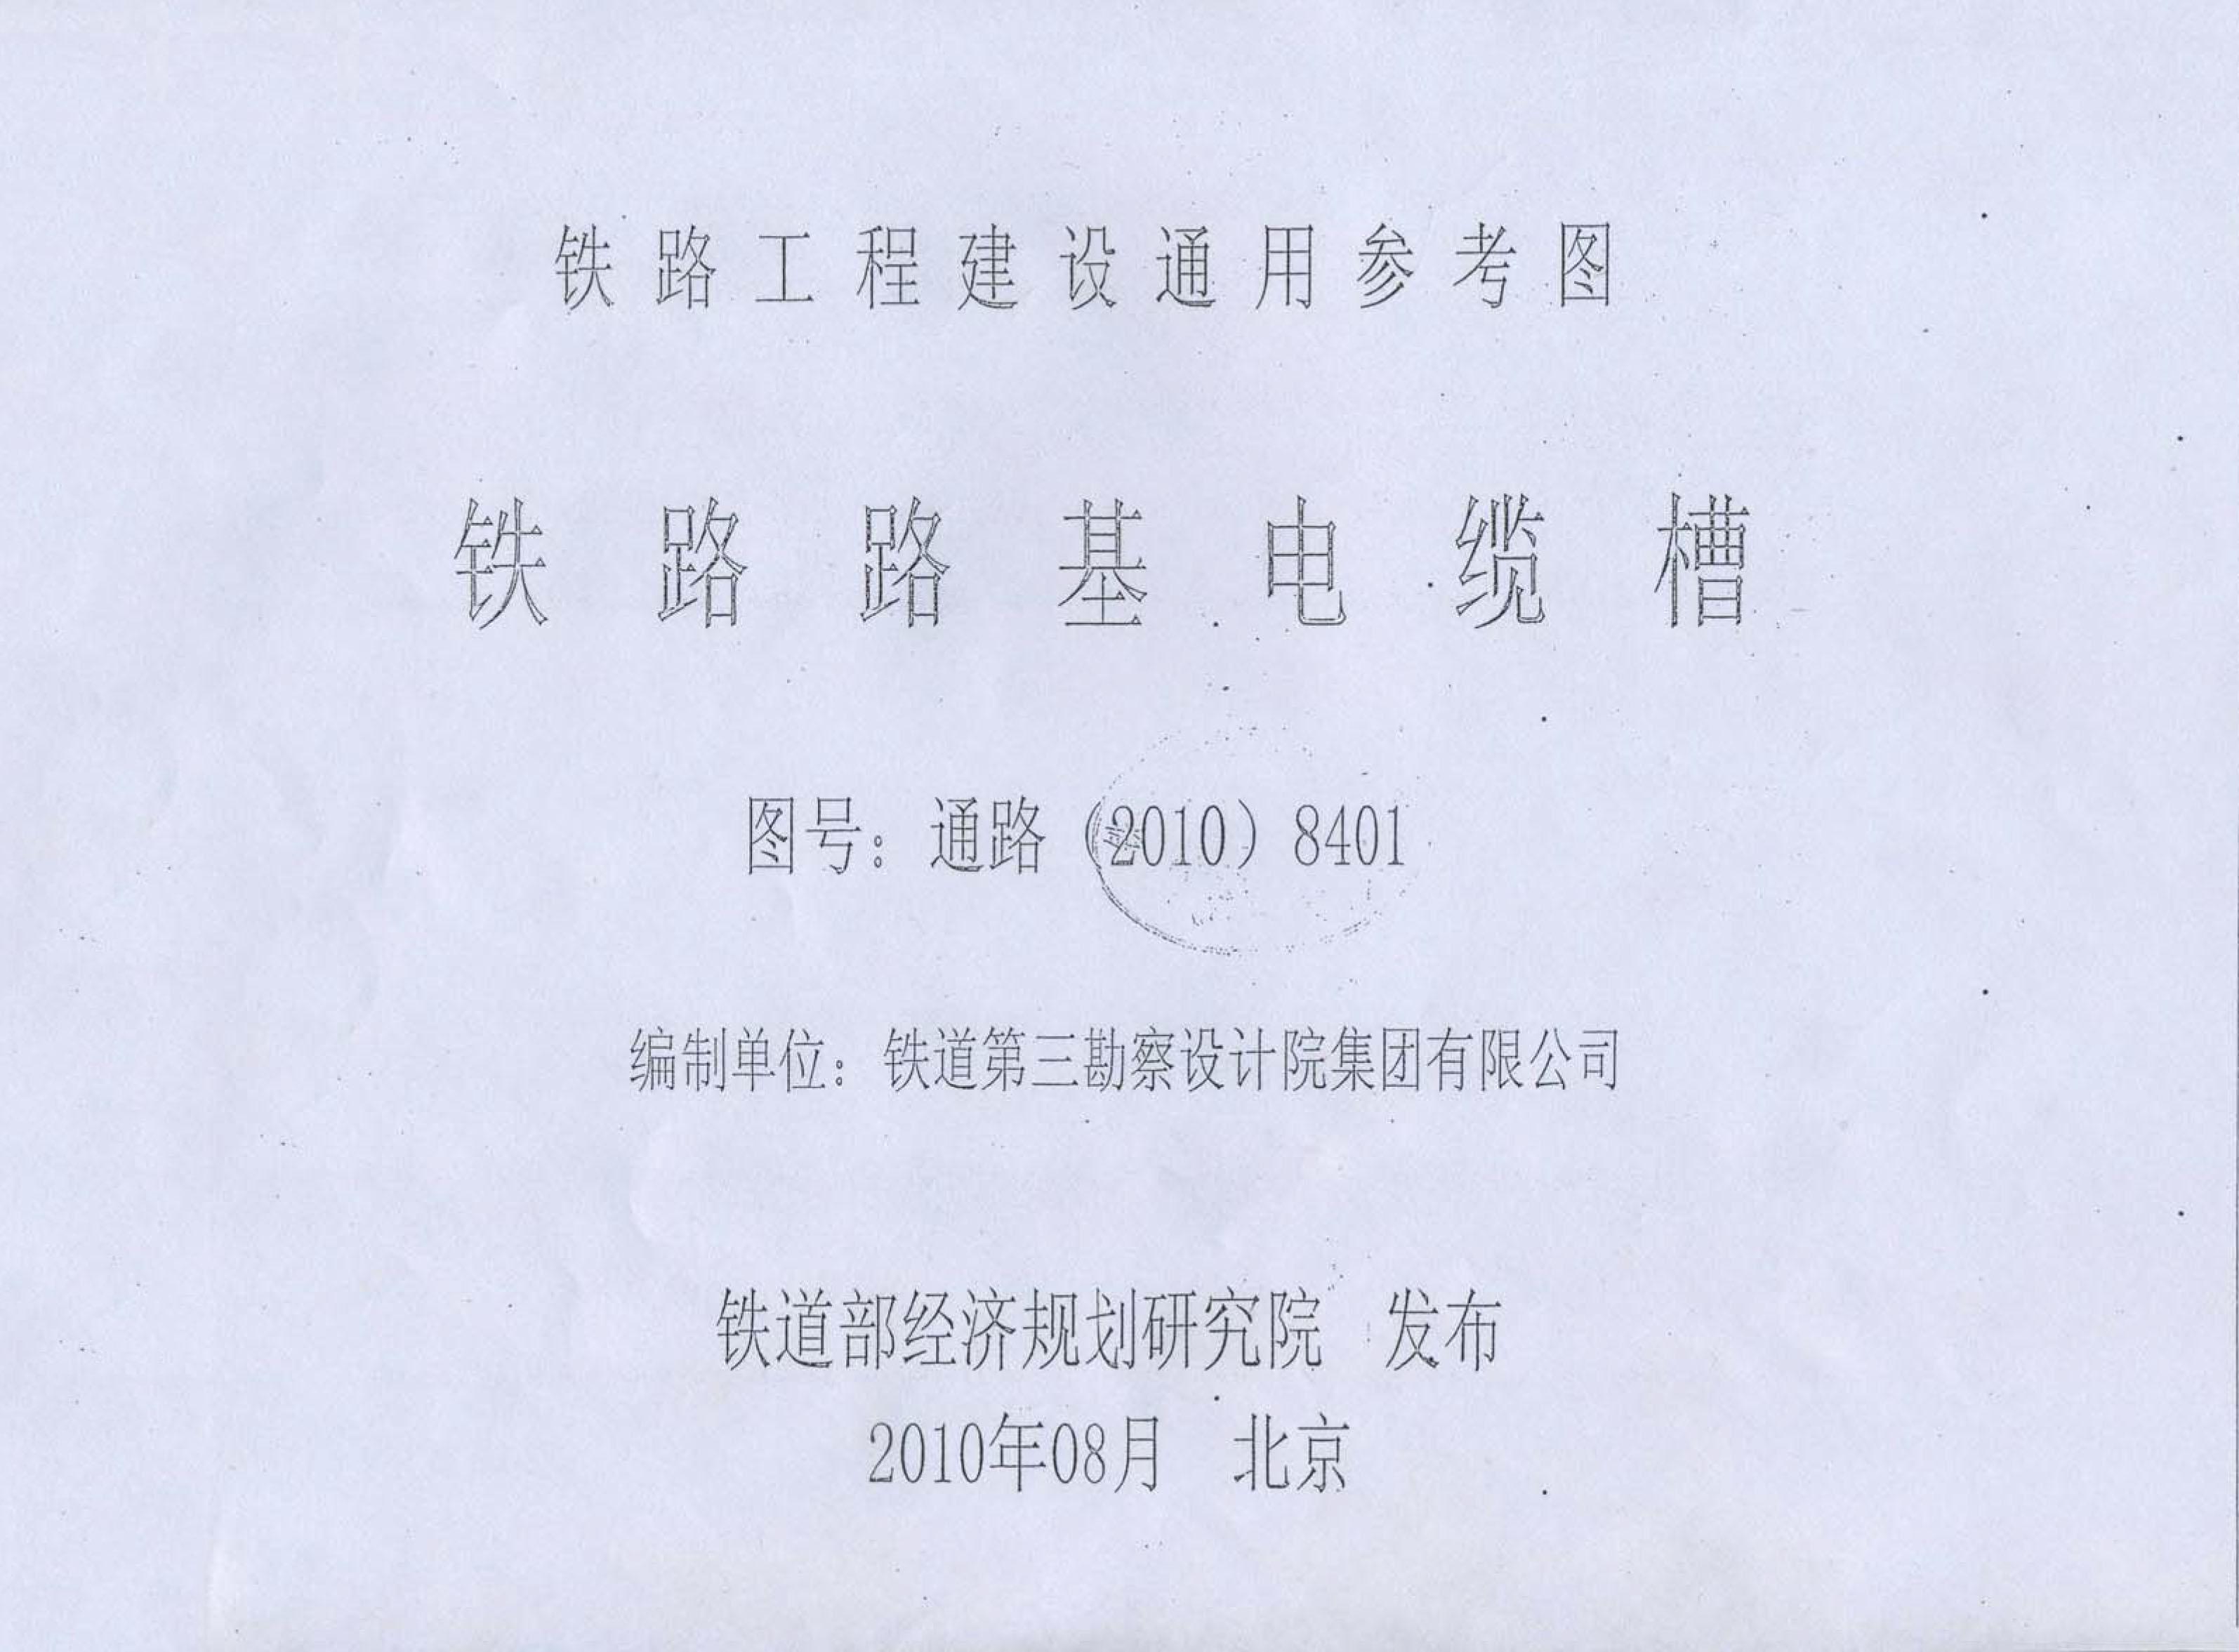 铁路路基电缆槽通路(2010)8401.jpg